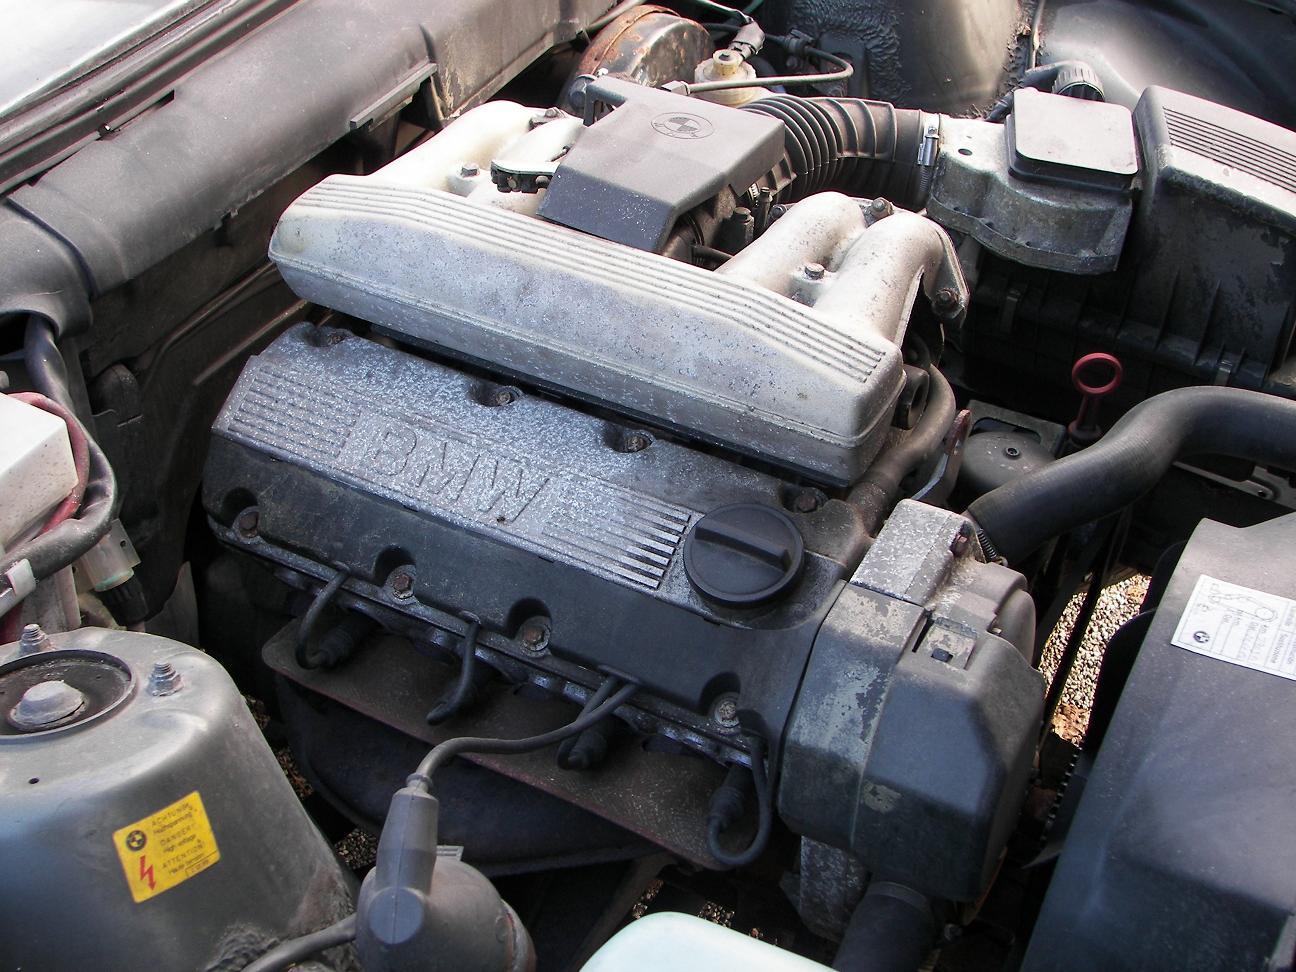 hight resolution of 1995 bmw 318i 4 cyl engine diagram wiring library bmw  330ci engine diagram